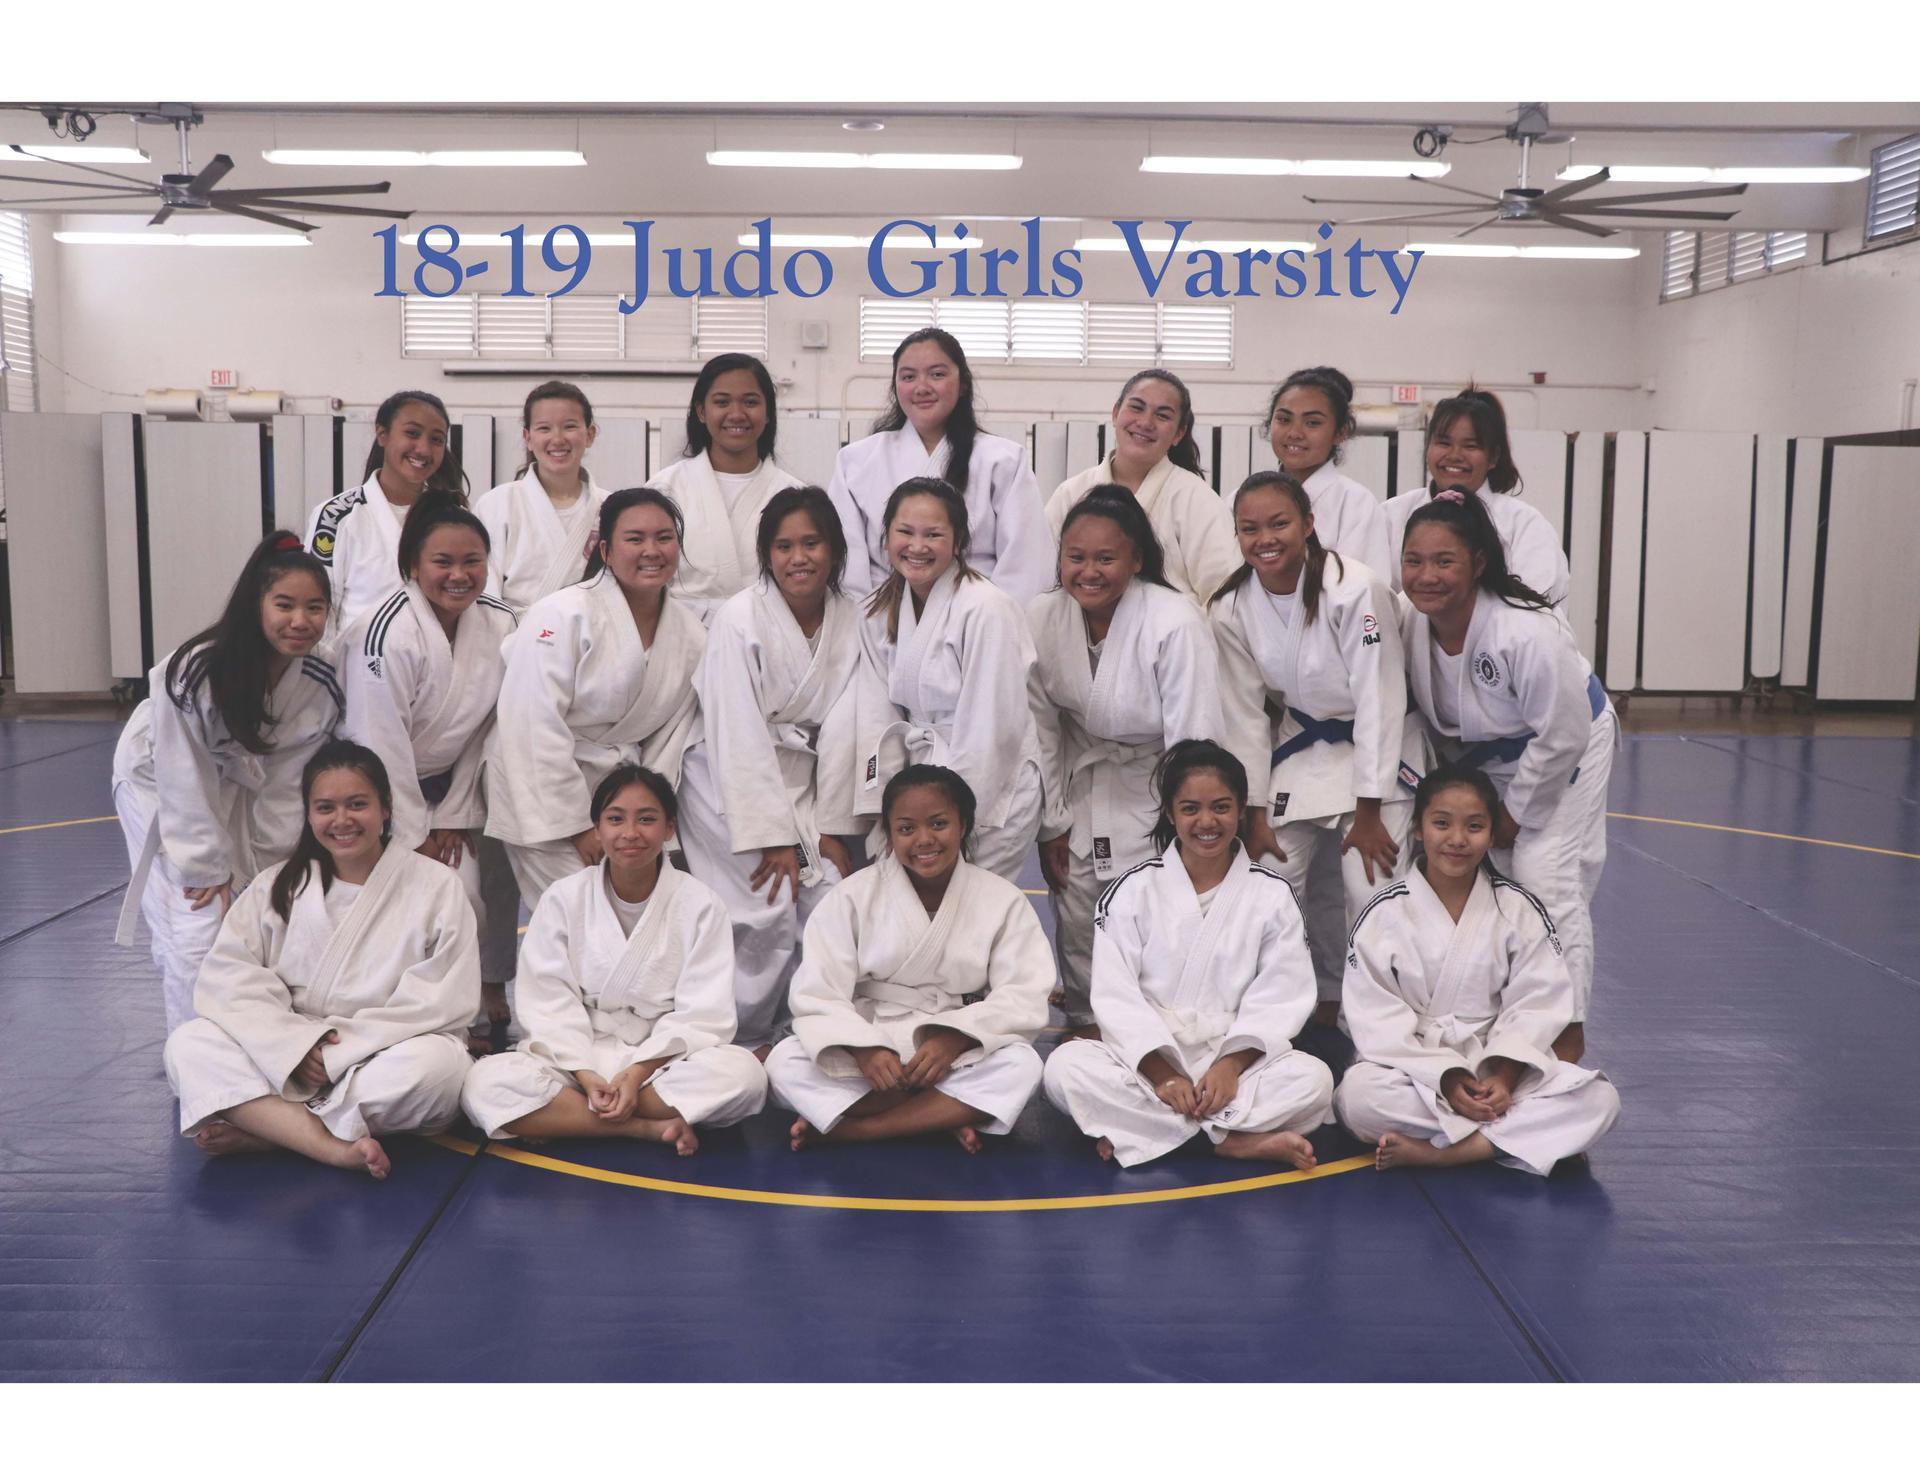 18-19 Judo Girls Varsity